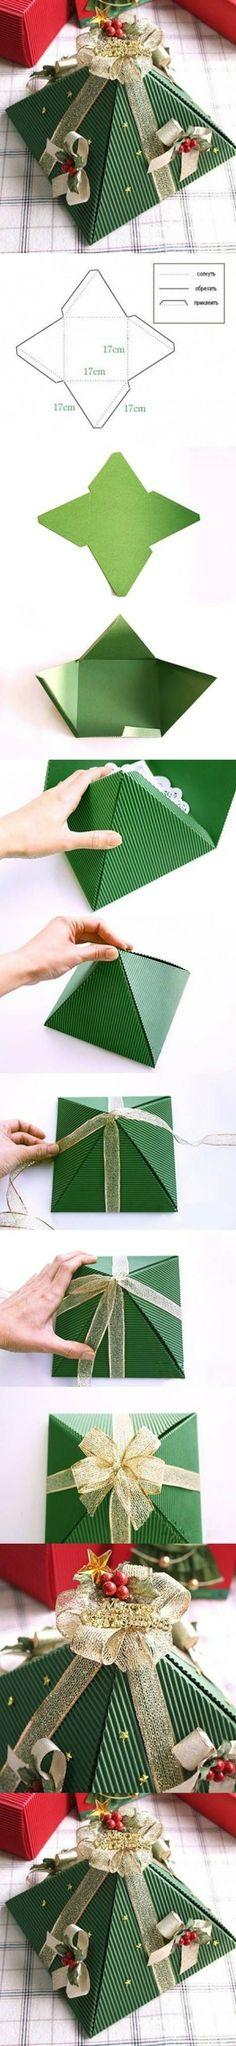 国外手工达人DIY的圣诞礼品包装盒